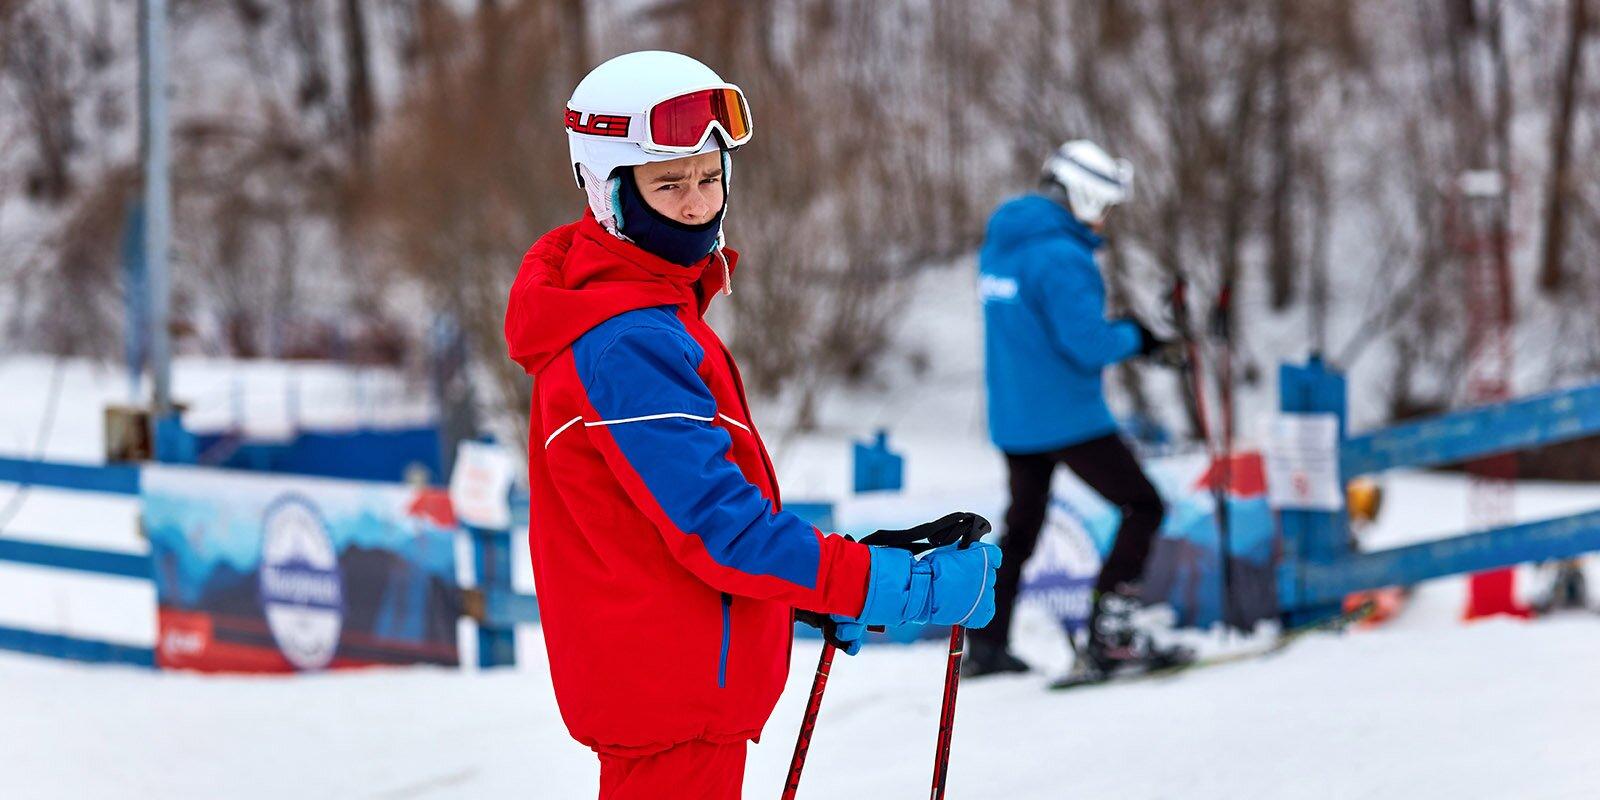 Лыжные трассы и тропы здоровья: в каких парках покататься этой зимой